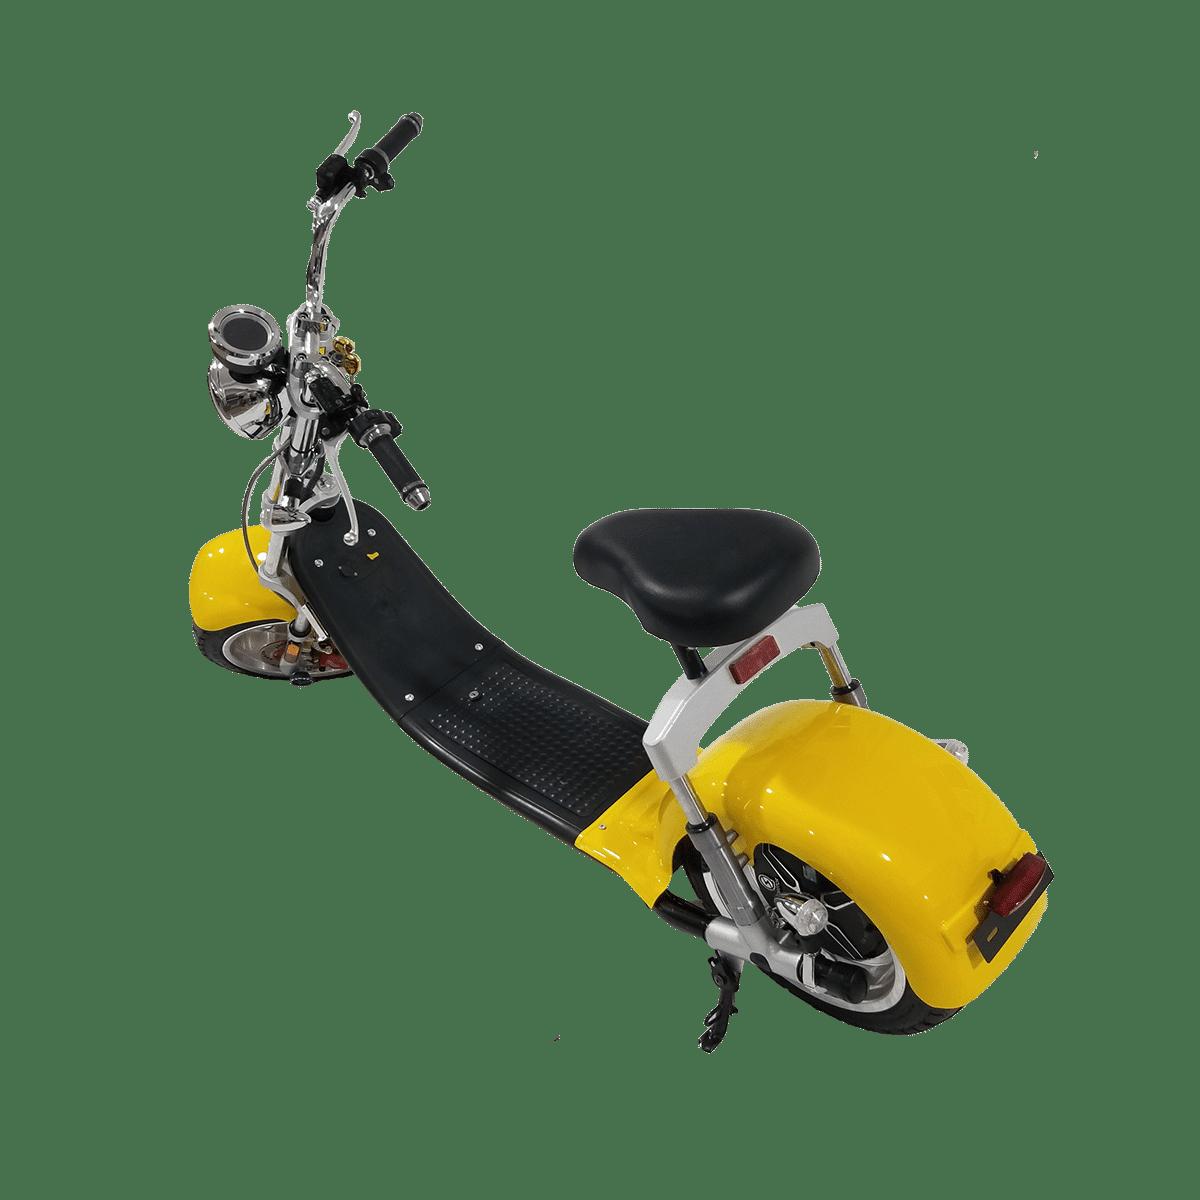 Citycoco Harley Deluxe Jaune 1190€ 27